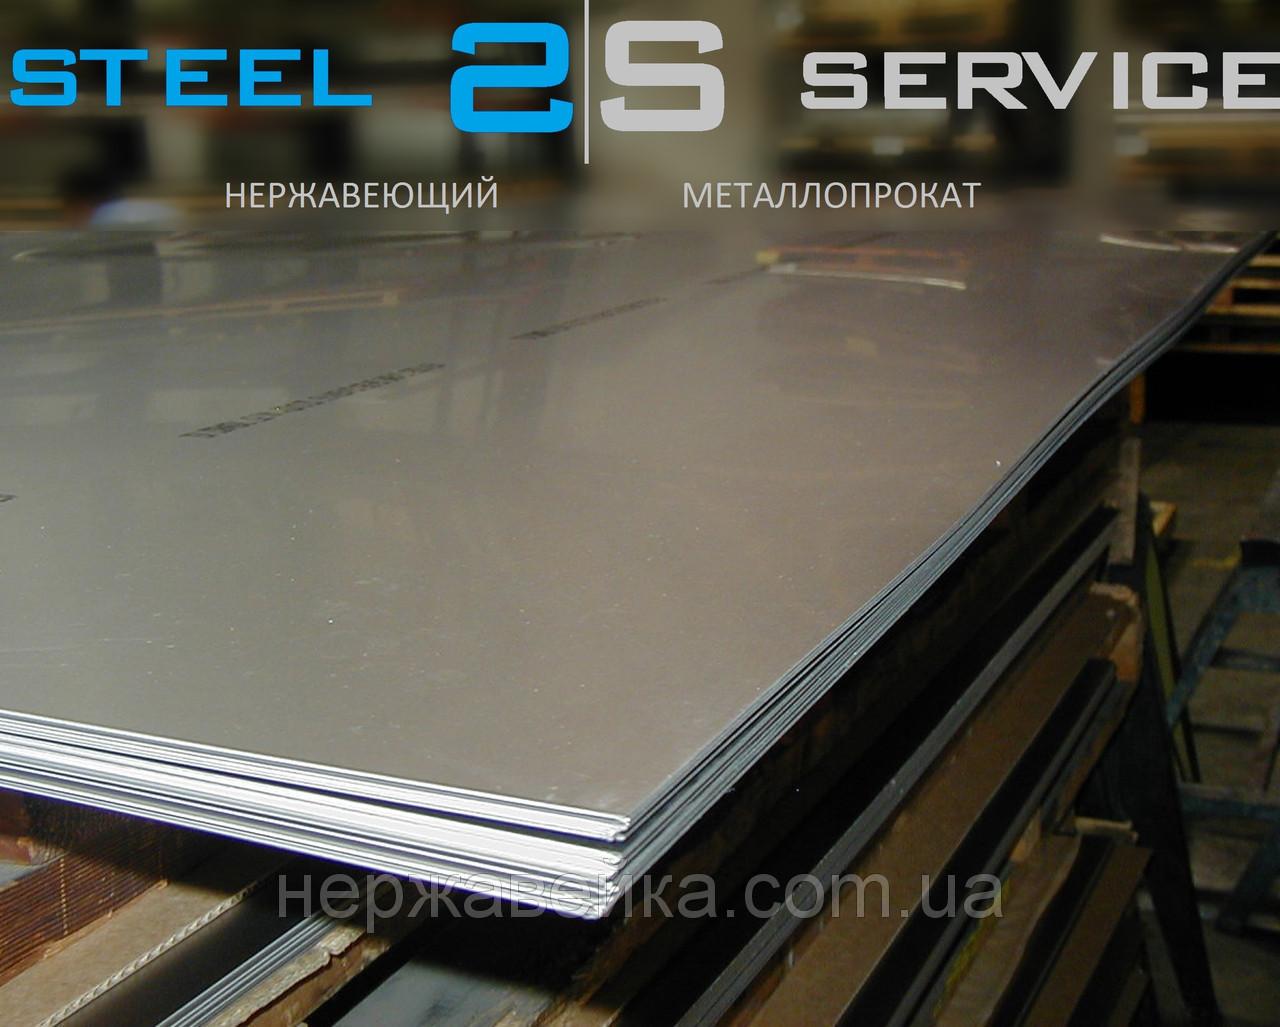 Нержавейка лист 10х1250х2500мм  AISI 310(20Х23Н18) F1 - горячекатанный,  жаропрочный